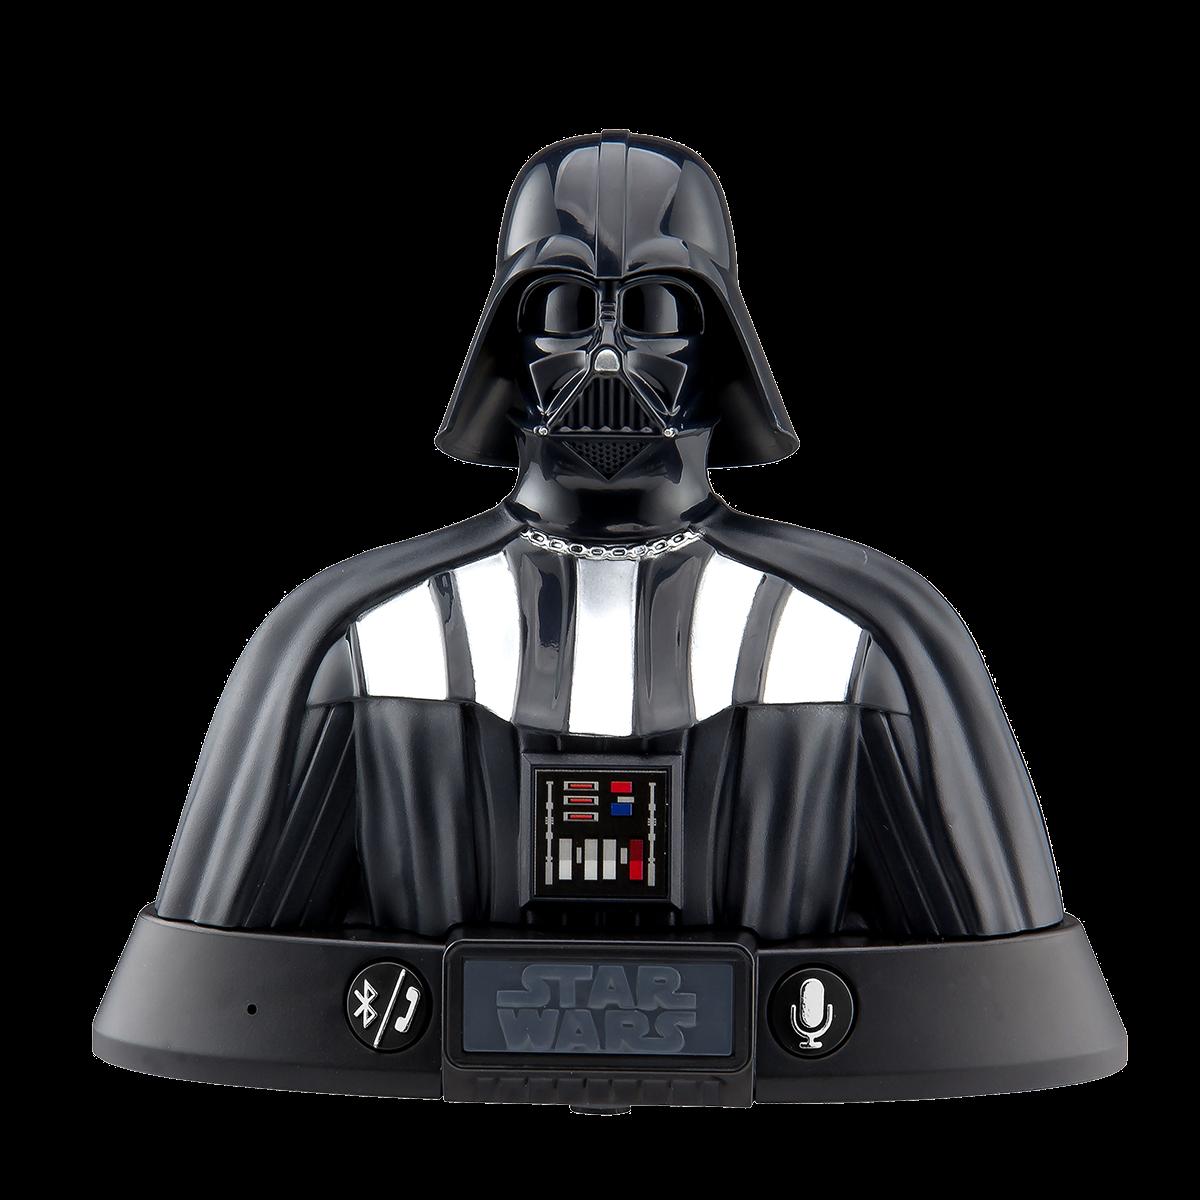 iHome Bluetooth Speaker Ασύρματο Ηχείο - Star Wars Darth Vader (44452)